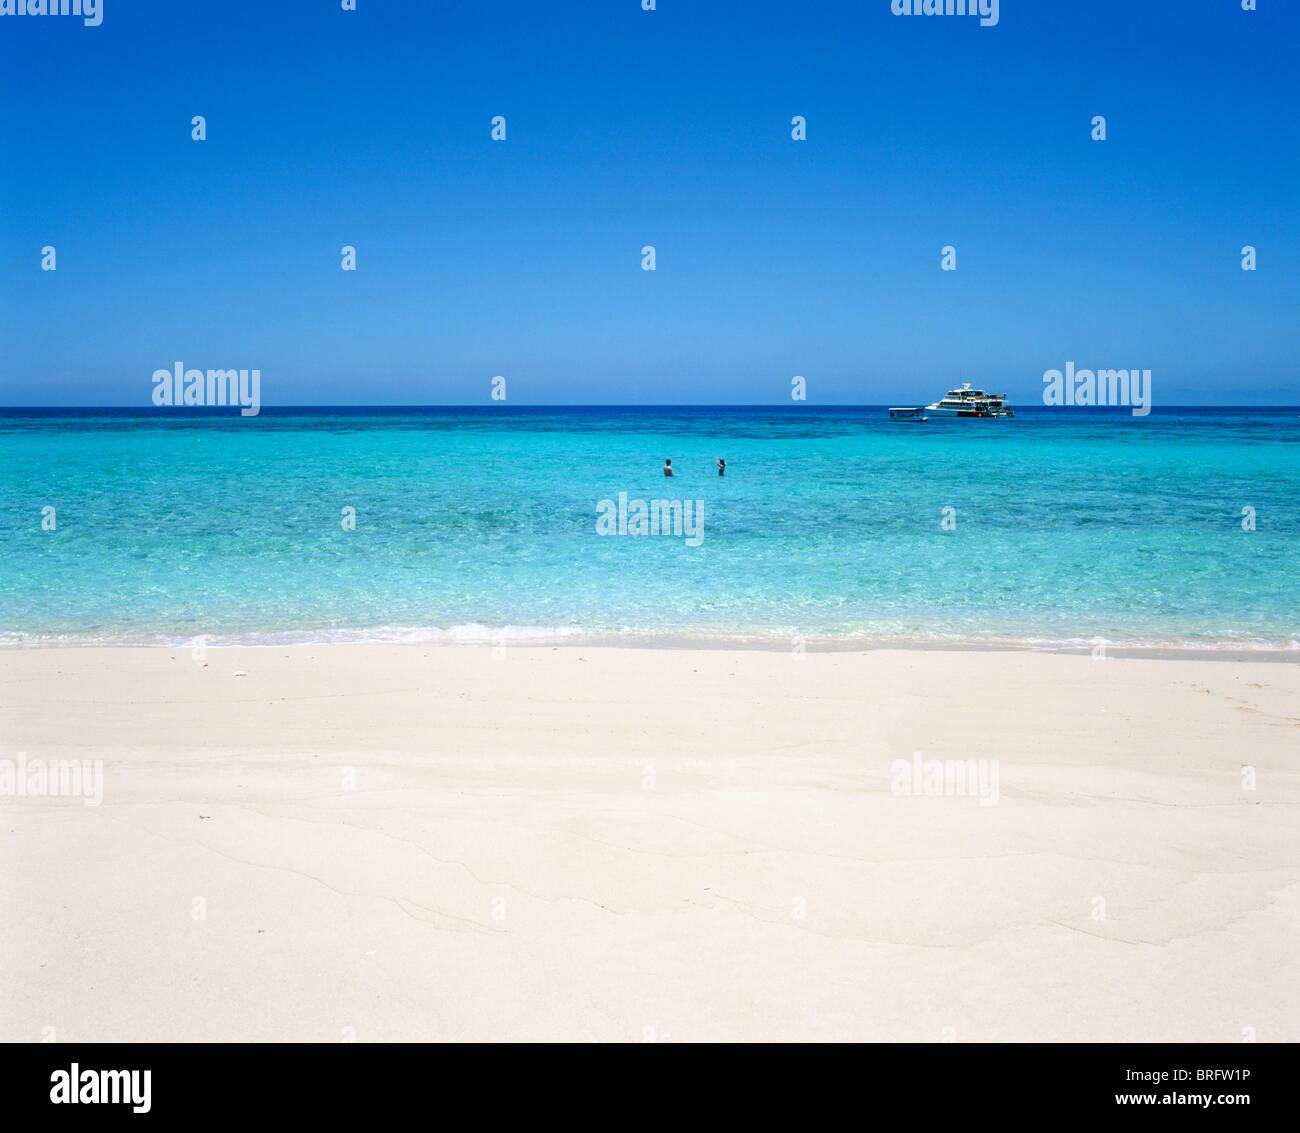 Sandbank mit Ausflugsschiff in Ferne, Great Barrier Reef, Cairns, Nord-Queensland, Australien Stockbild